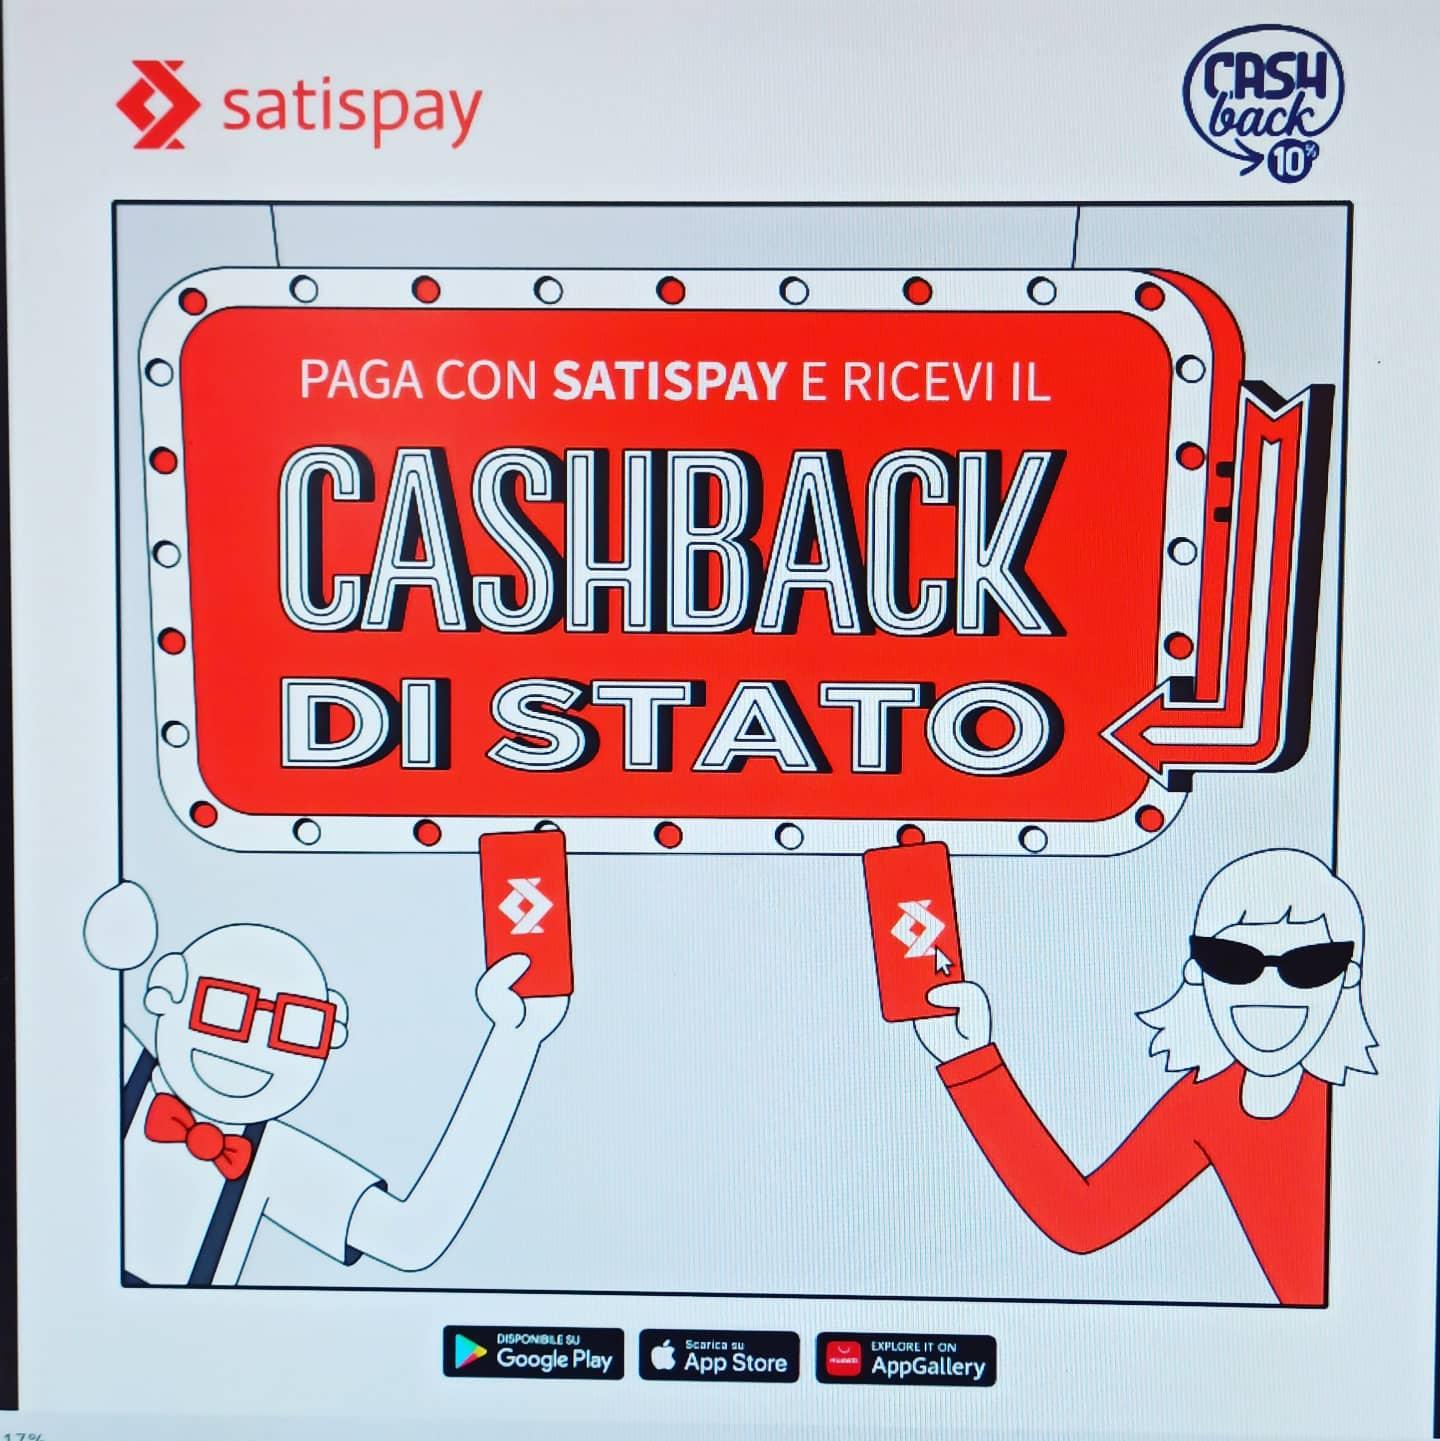 Da Virgoz paga con SatiSpay ricevi il cashback di stato in più grazie al super cashback le 100000 persone che avranno effettuato il maggior numero di pagamenti digitali entro il 30 giugno 2021, riceveranno un premio di 1500€ -